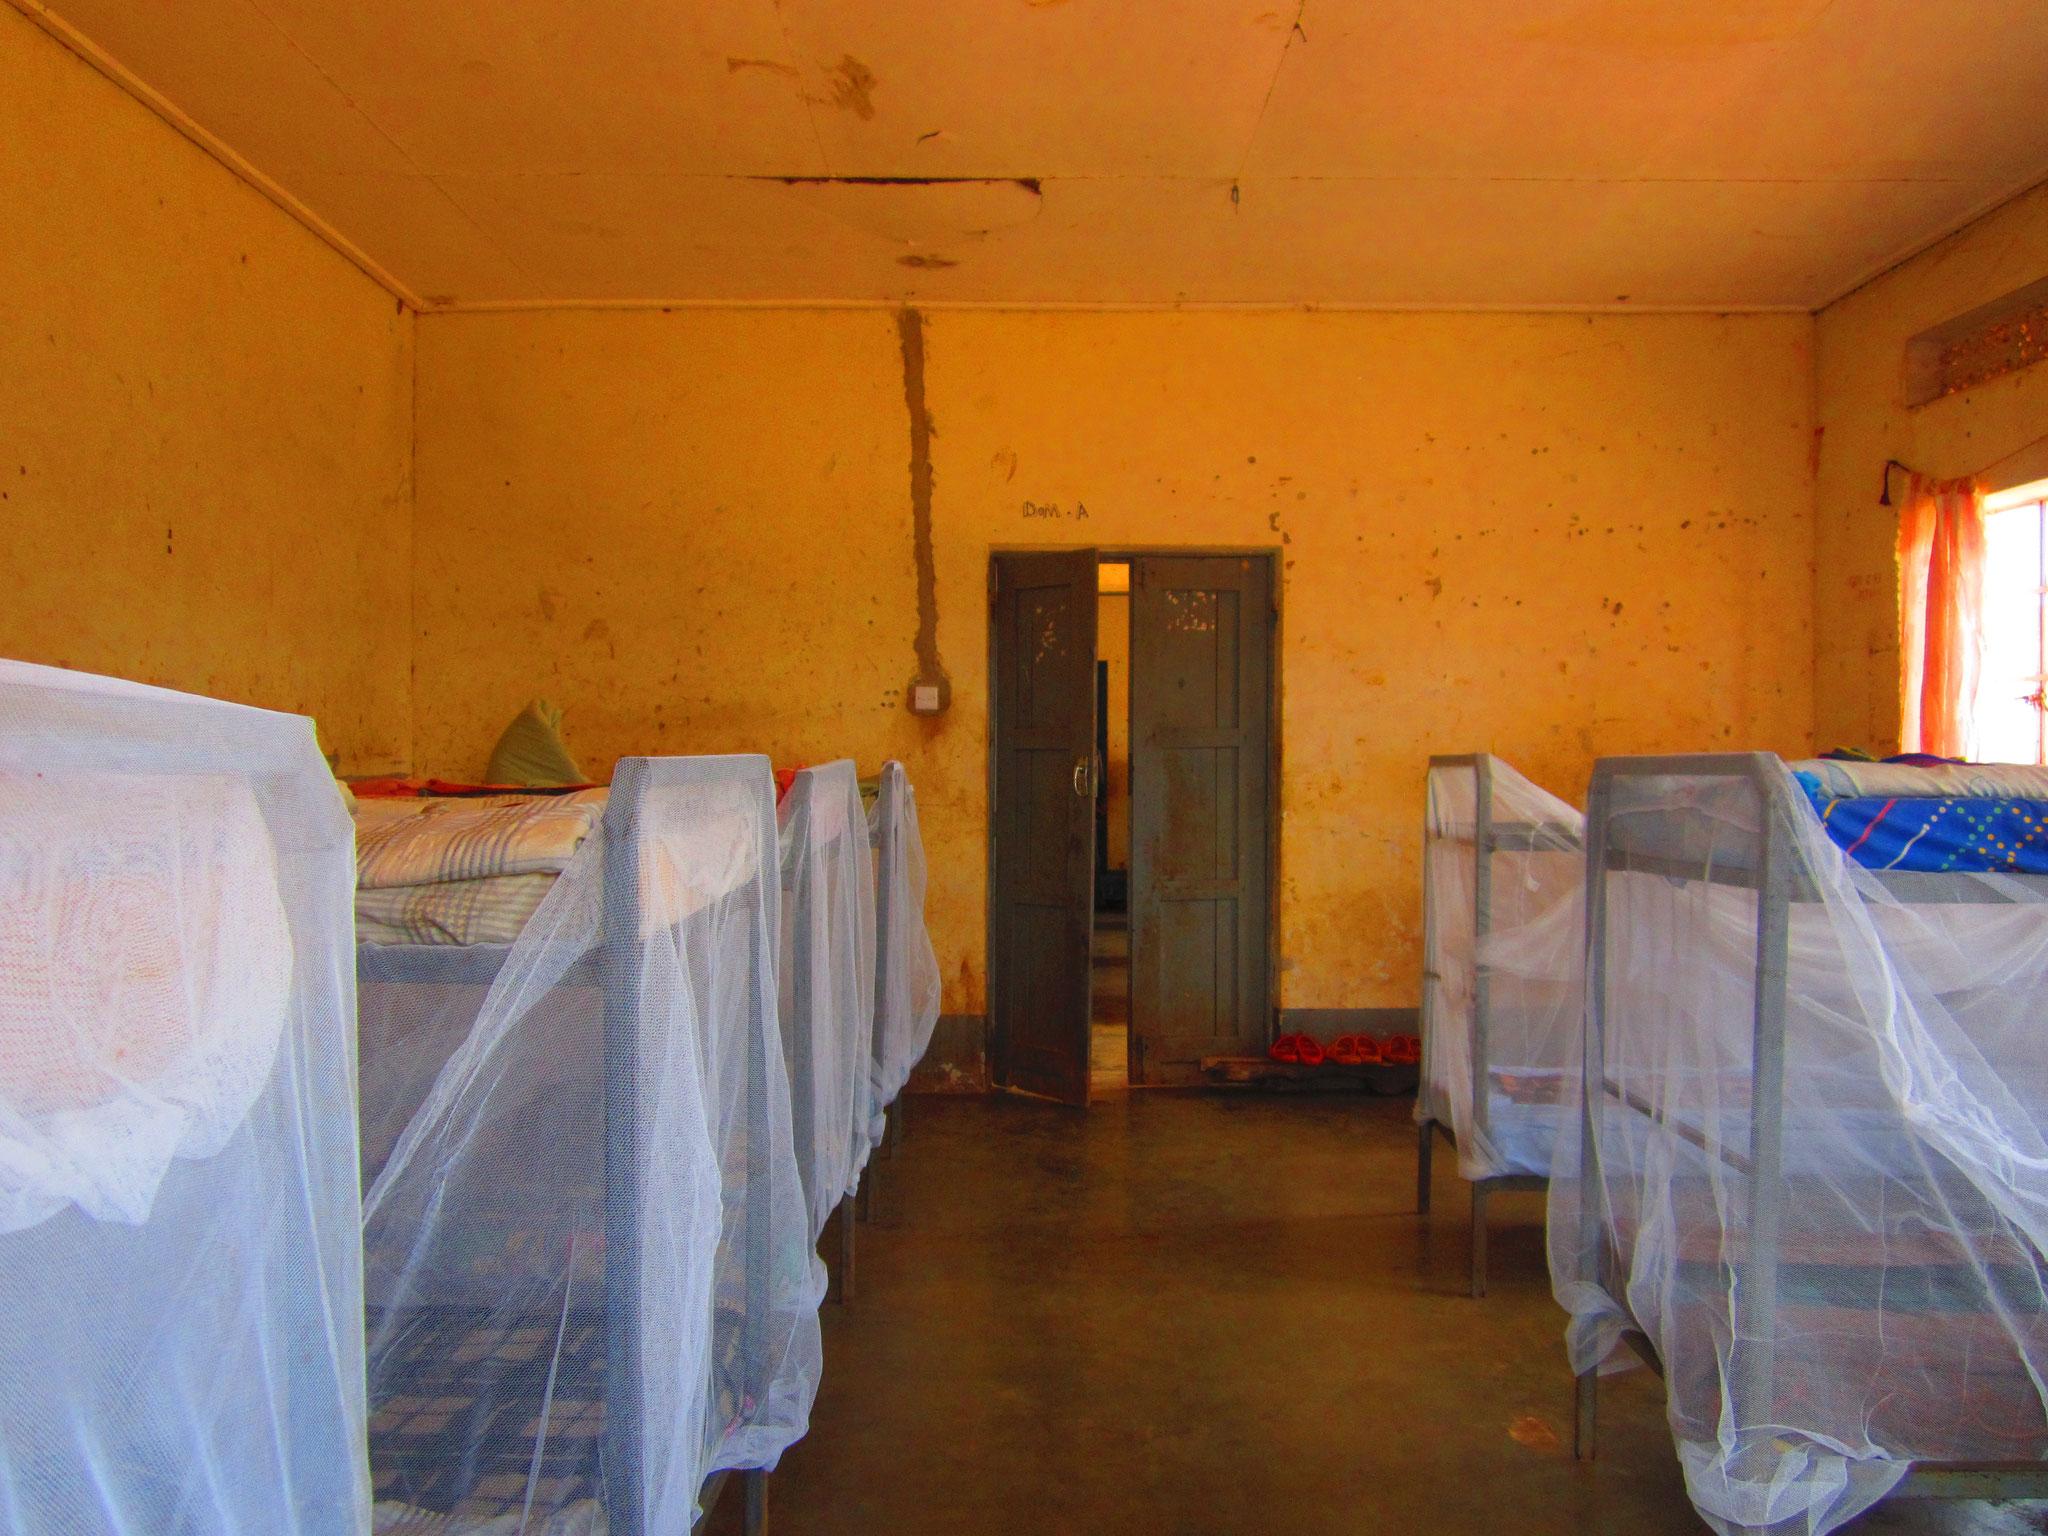 Schlafsaal - Mosquitonetz